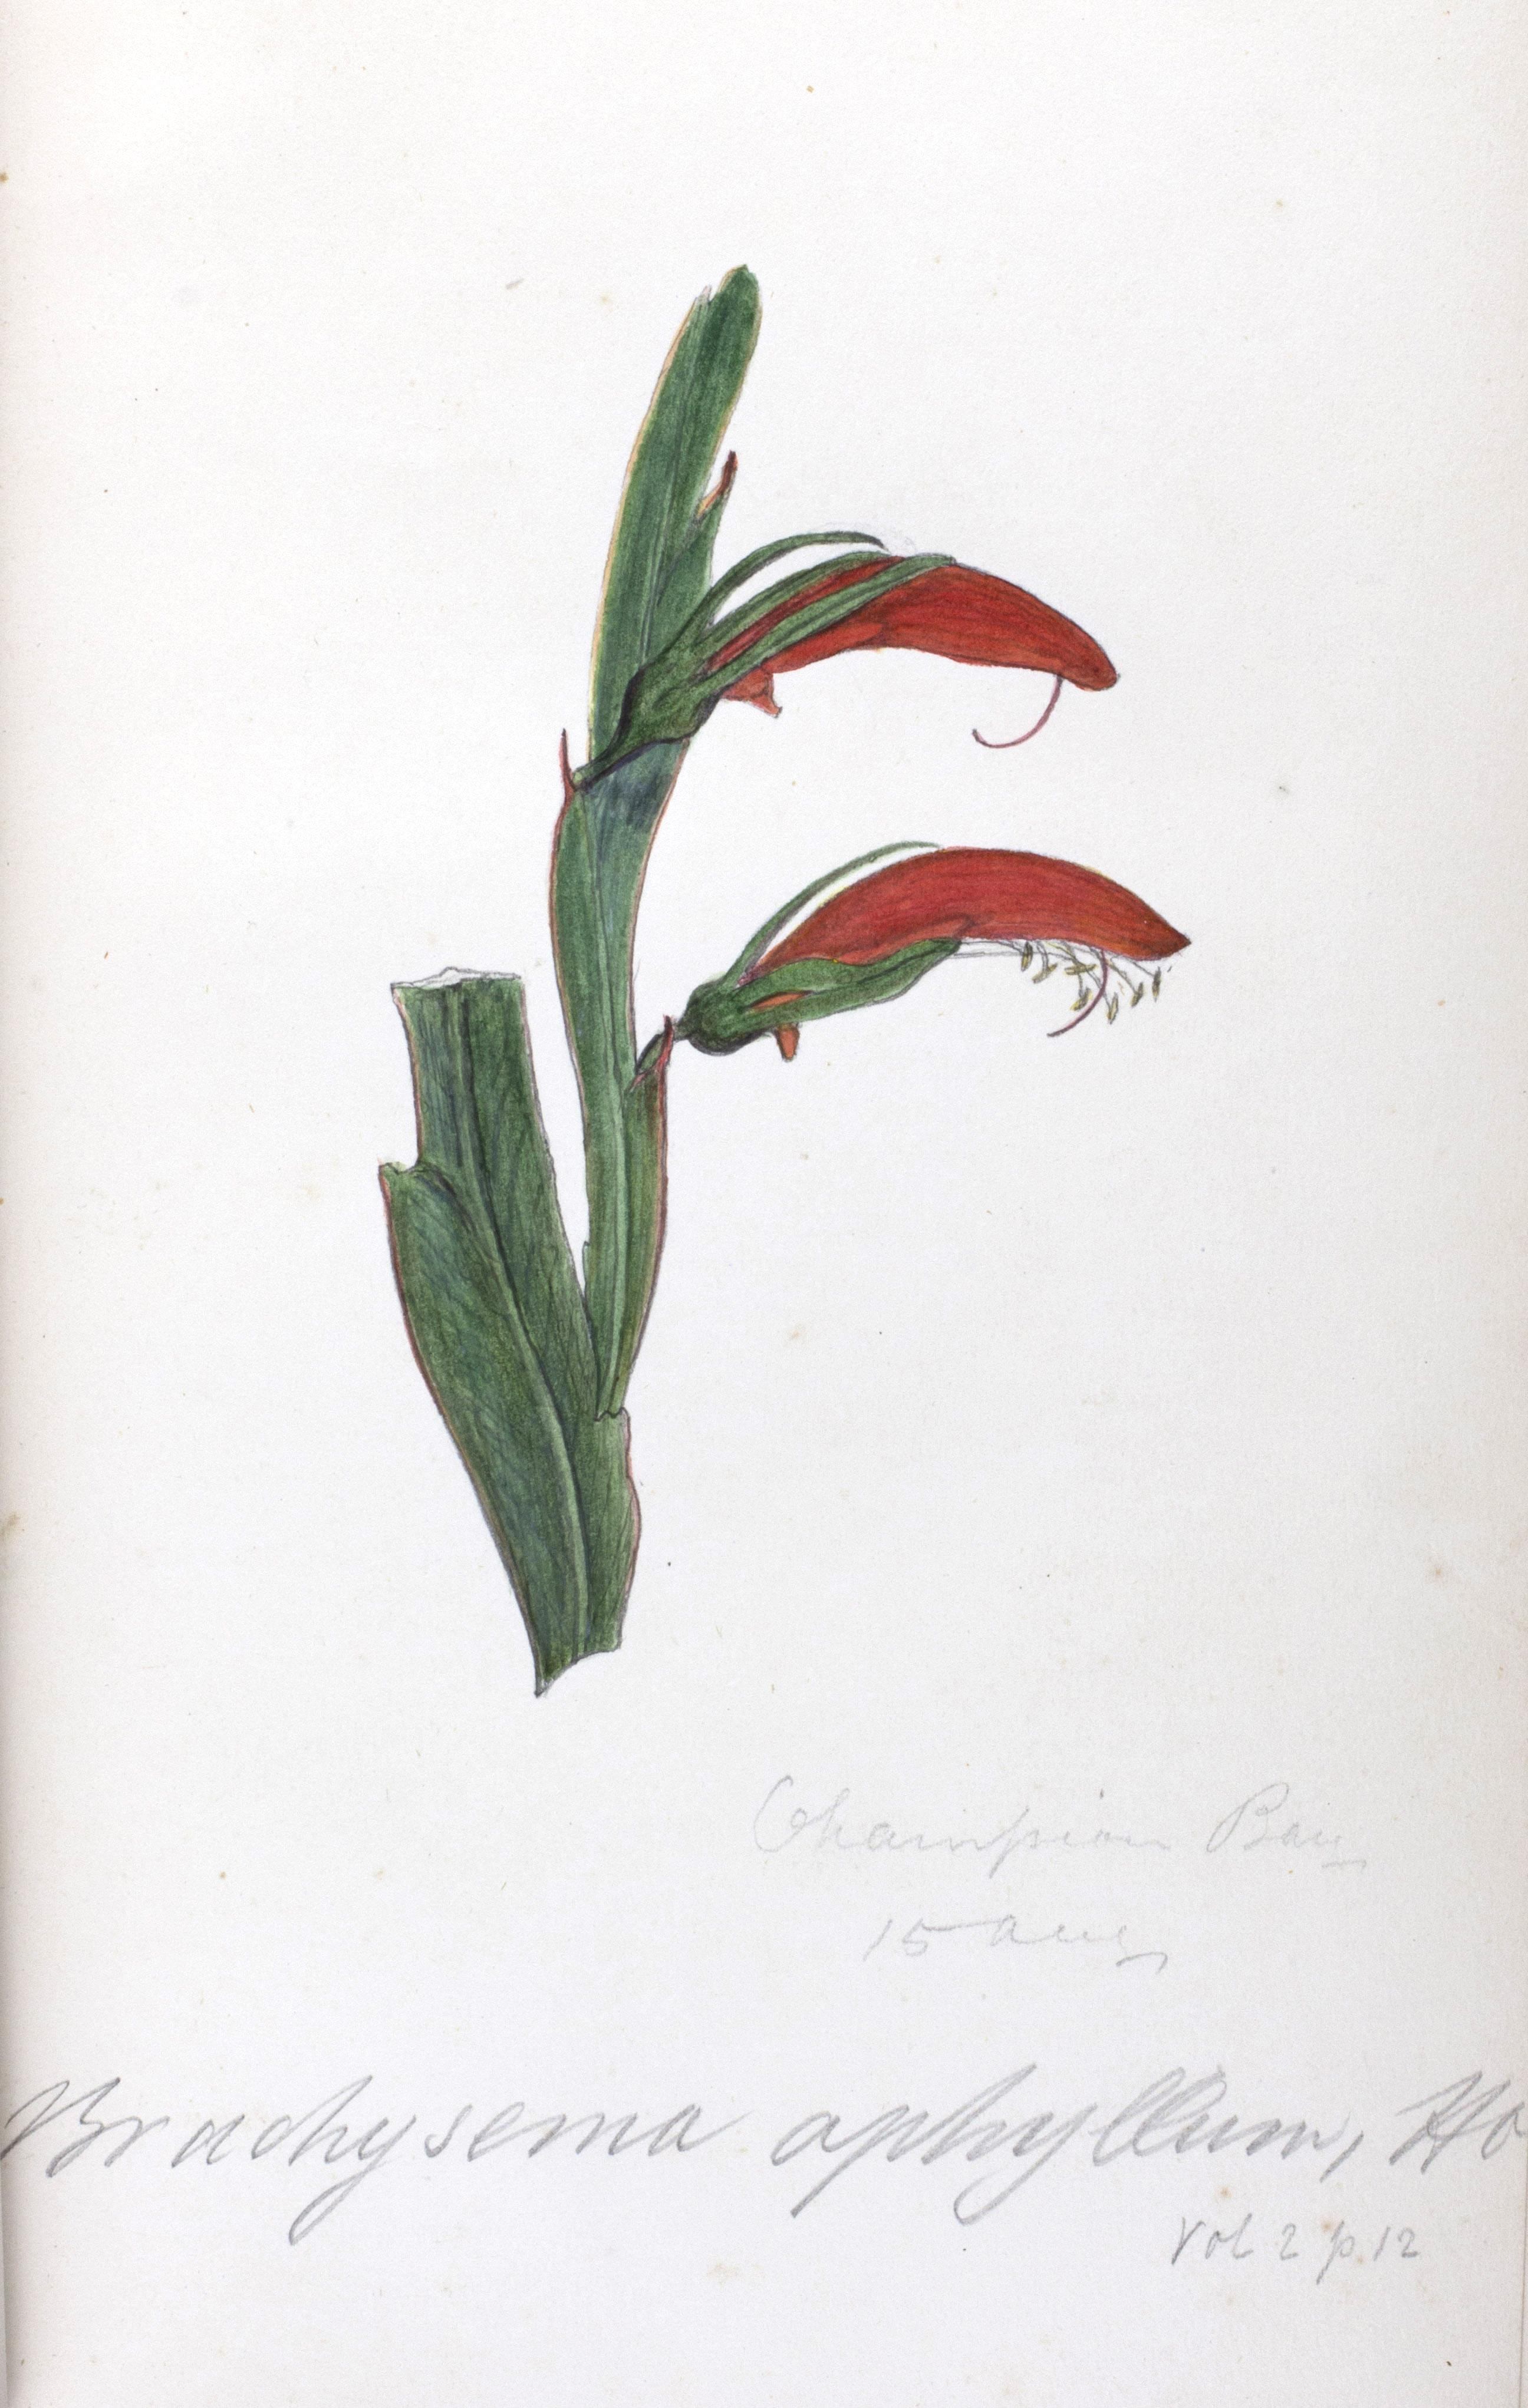 Ferdinand von Mueller and George Bentham's Flora Australiensis, illustration